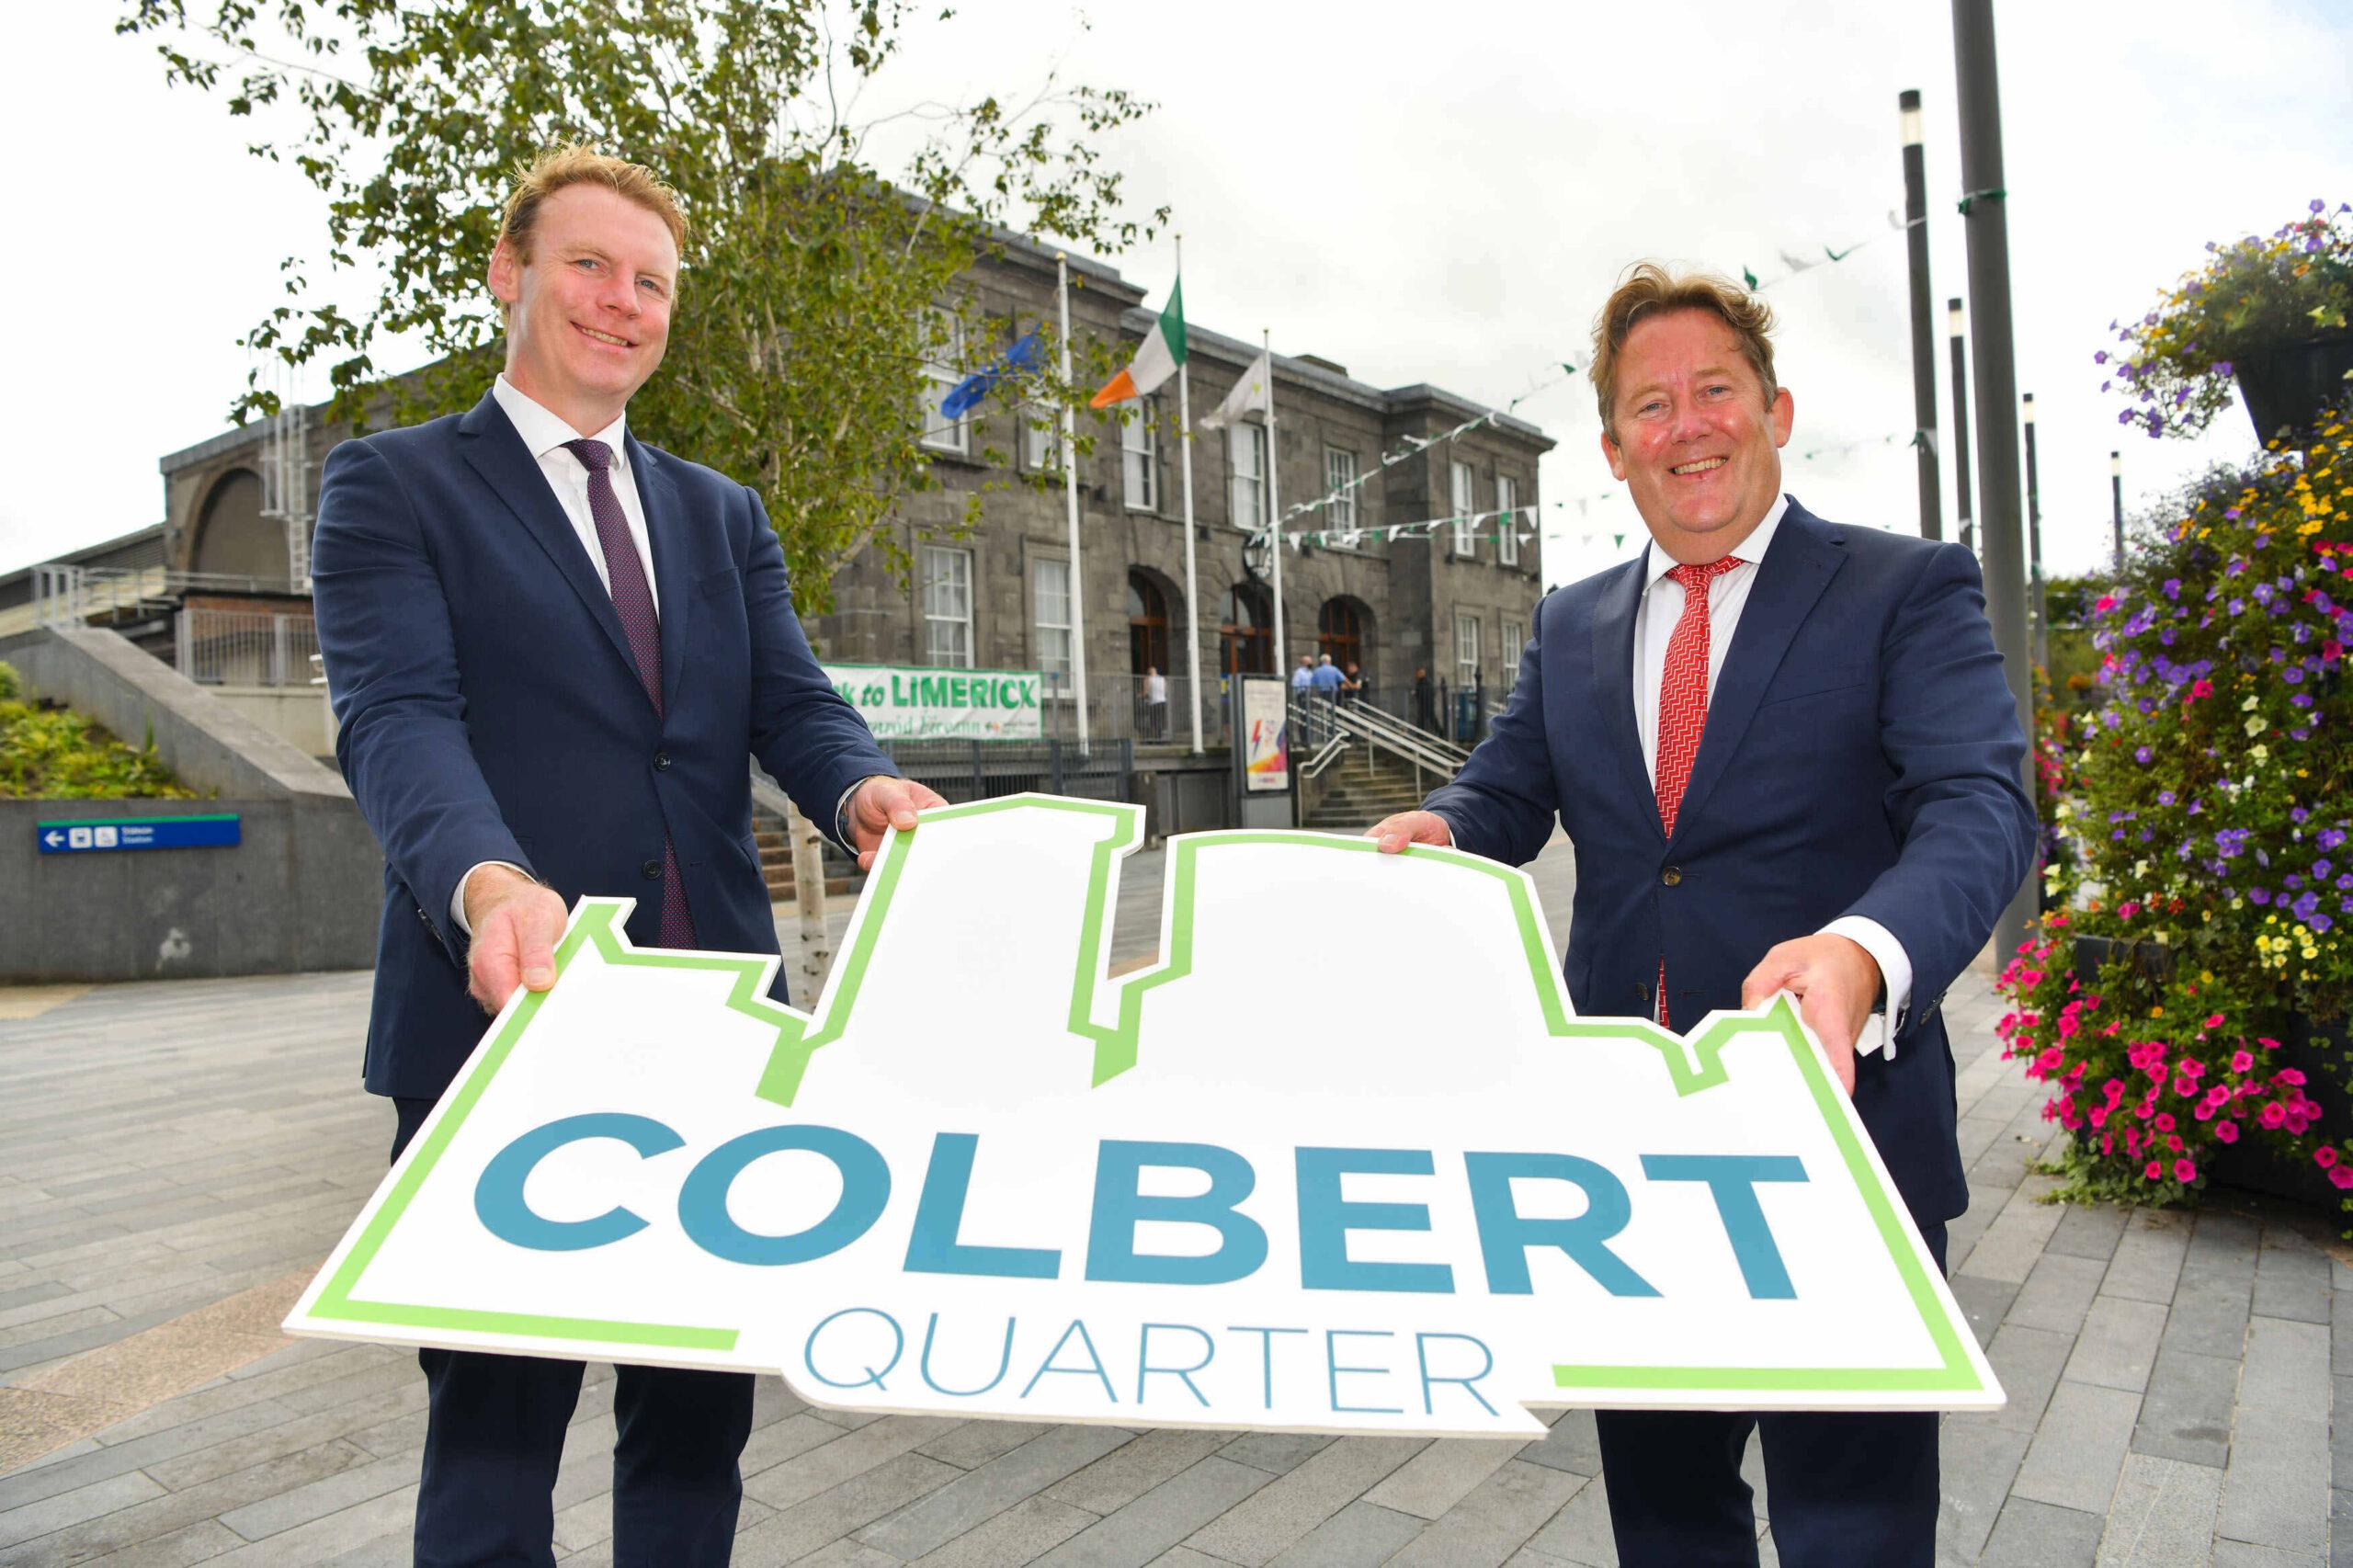 Colbert Station Quarter Plans